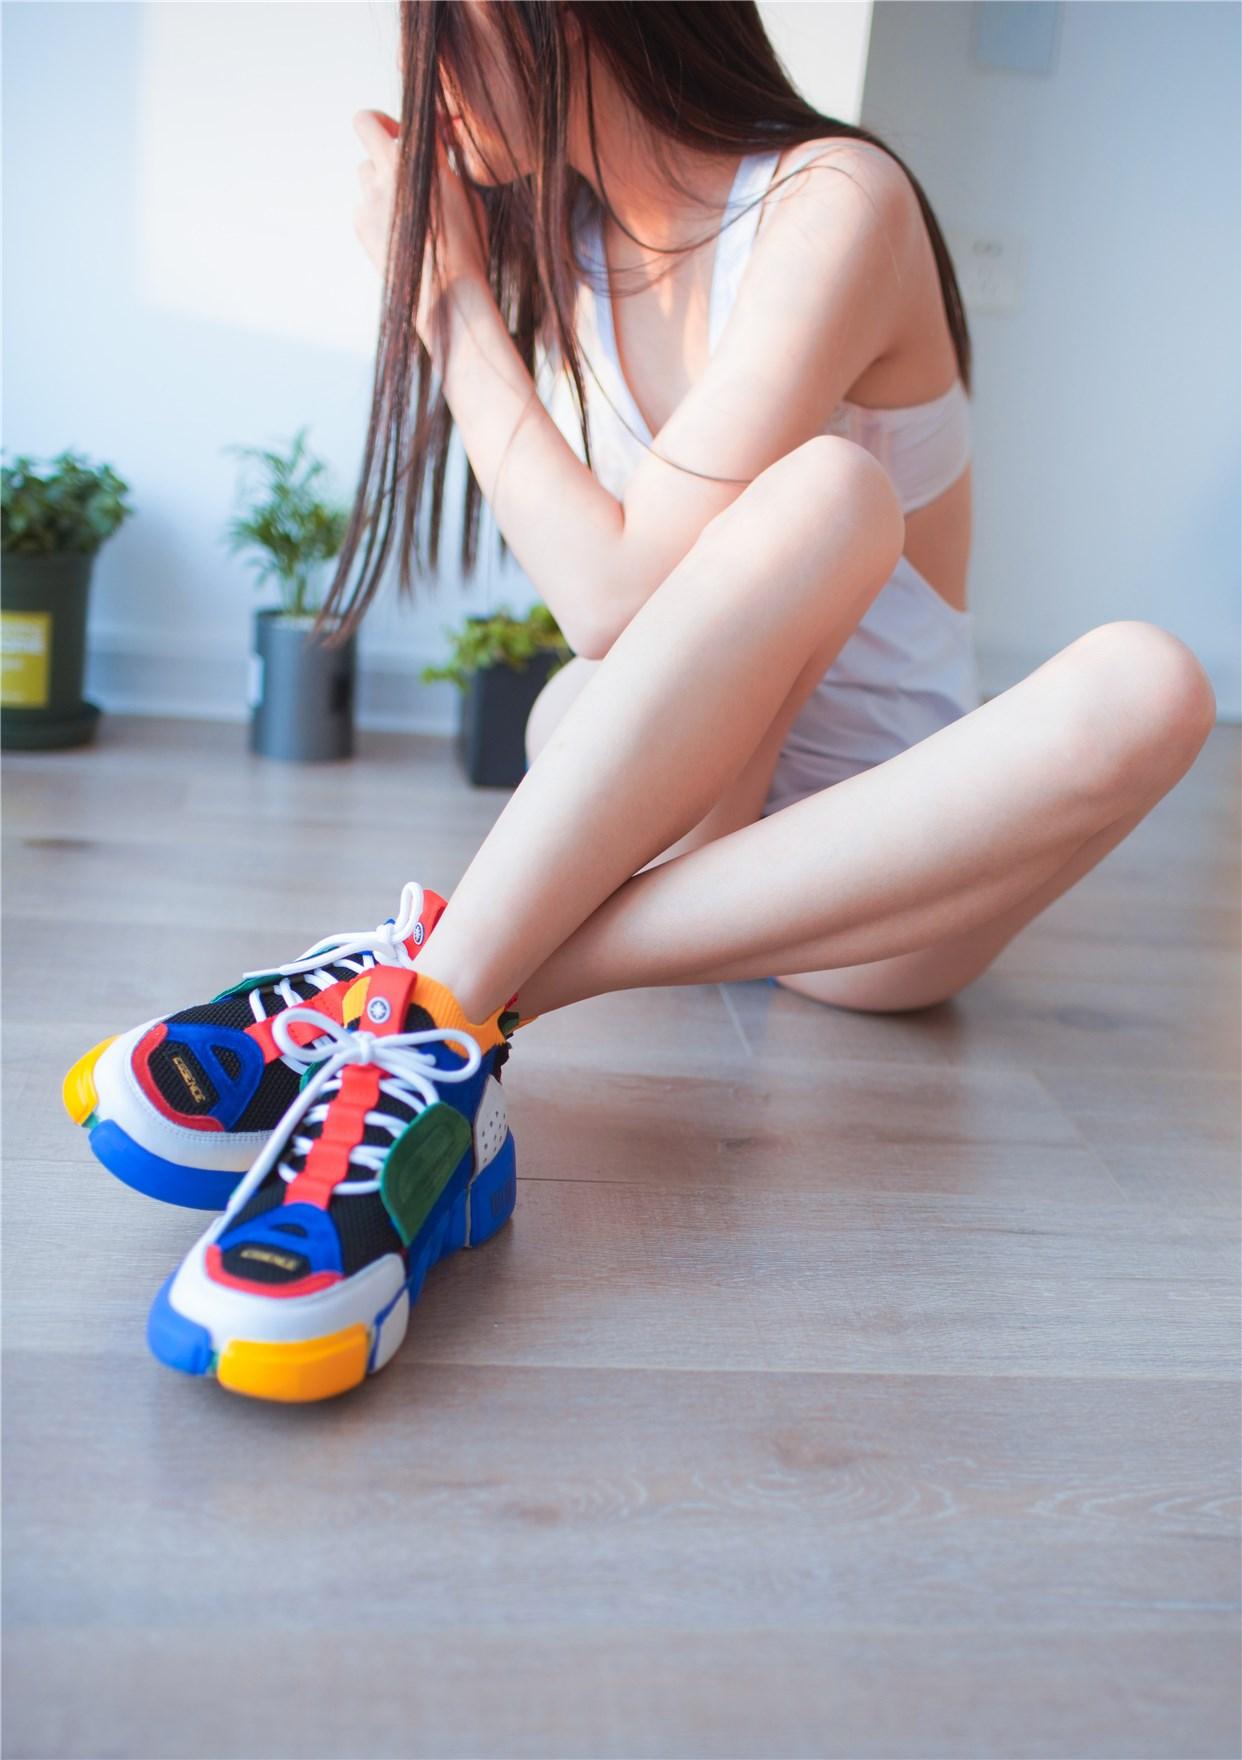 【兔玩映画】完美的肉丝高跟鞋 兔玩映画 第4张